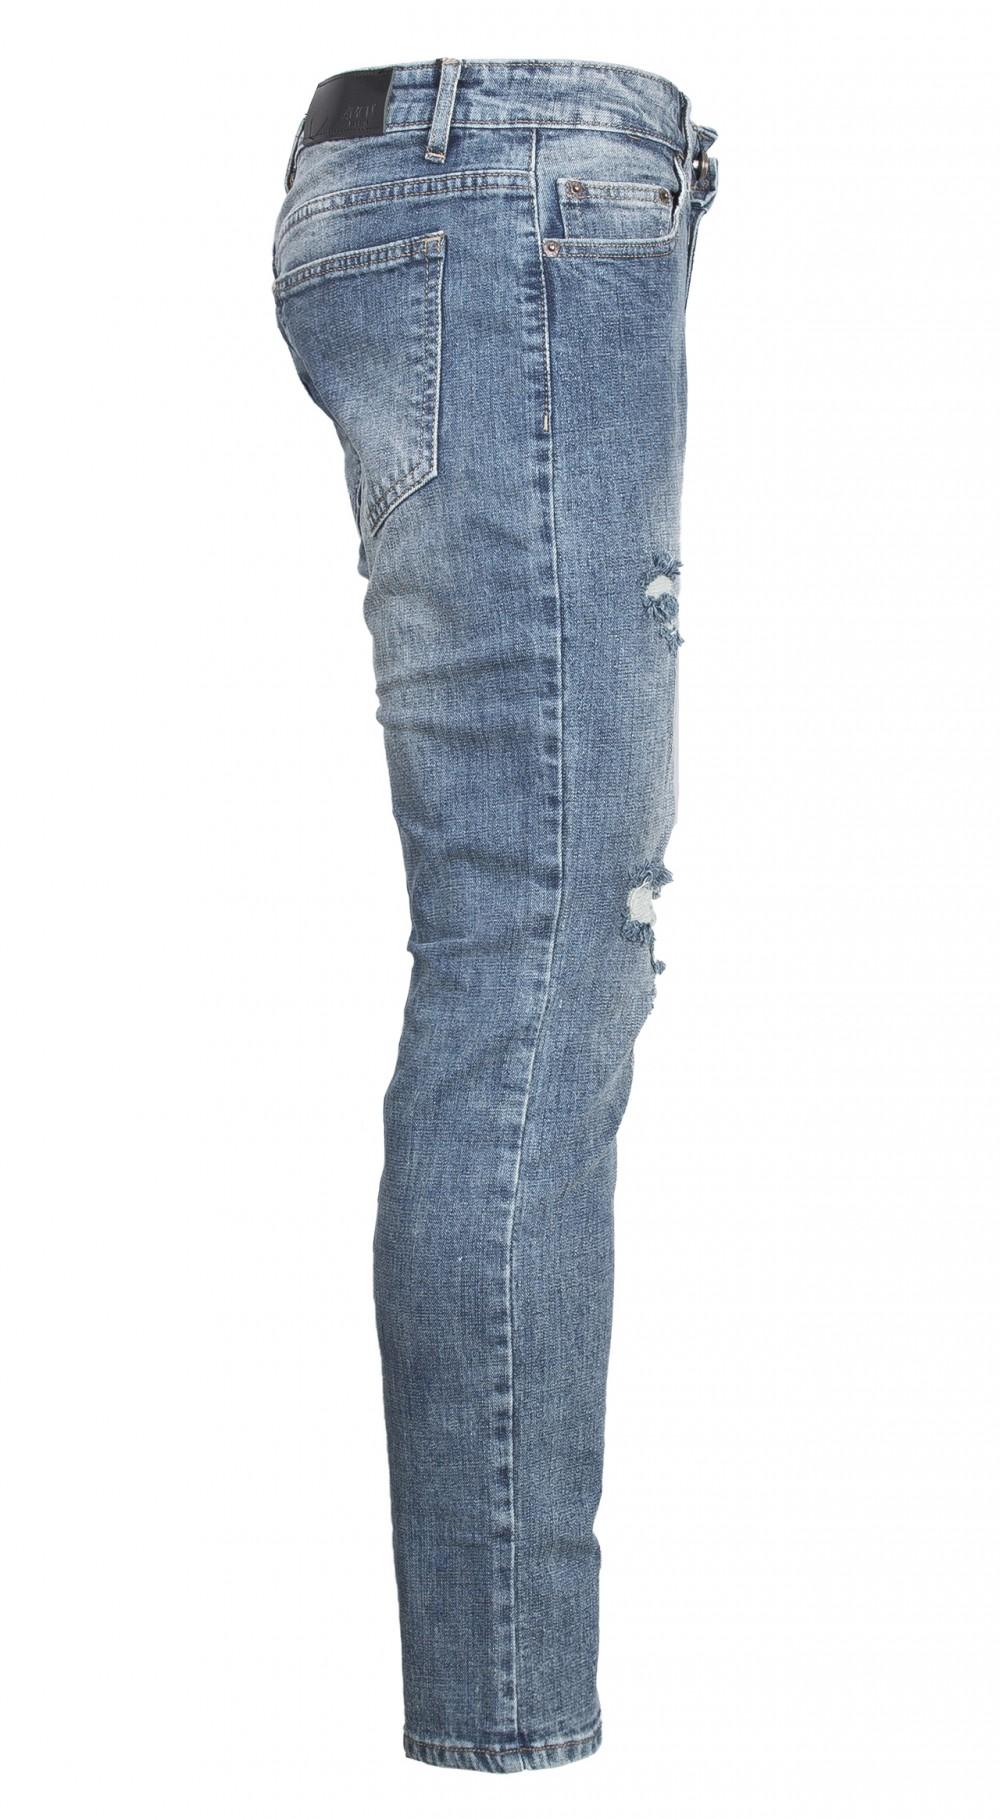 Quần jeans rách xanh rêu qj1565 - 4